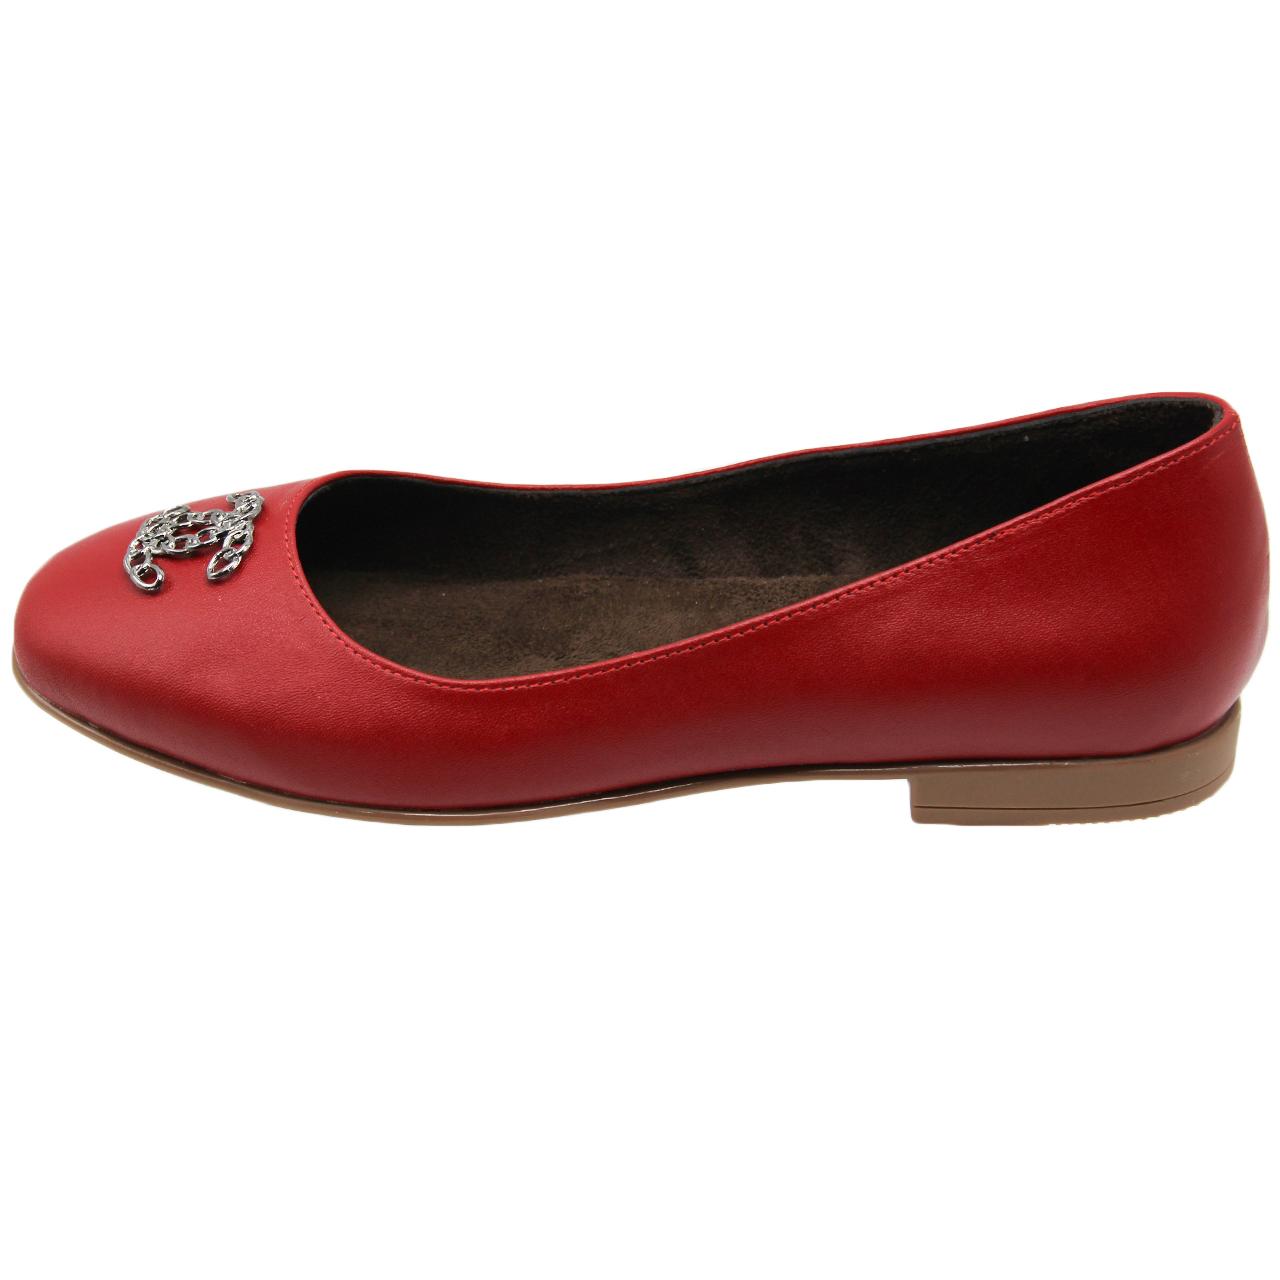 کفش چرم زنانه شیلر مدل 207/2